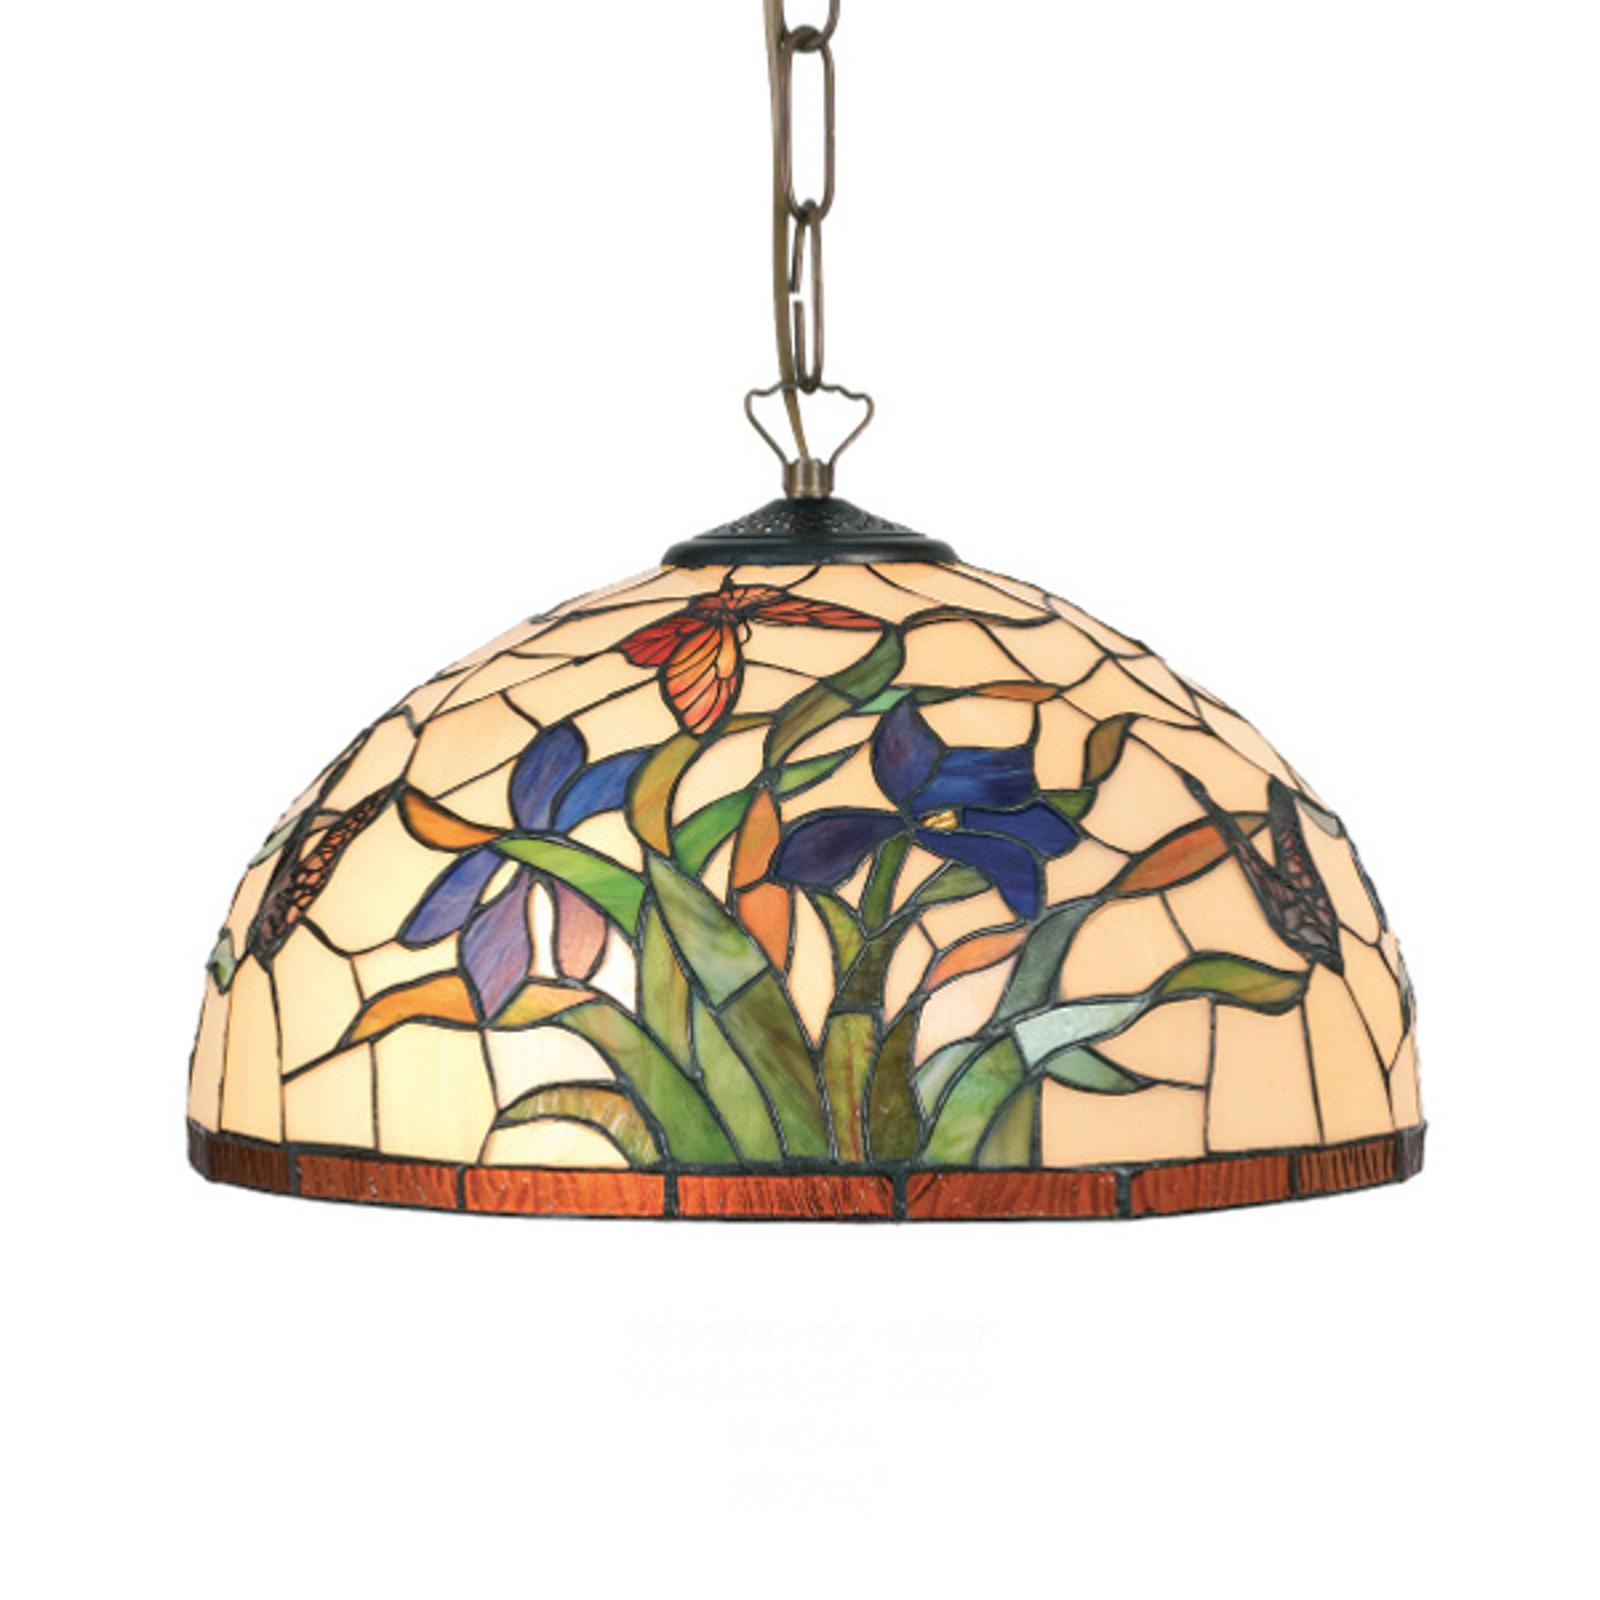 Lampa wisząca Elanda w stylu Tiffany, 1-punktowa